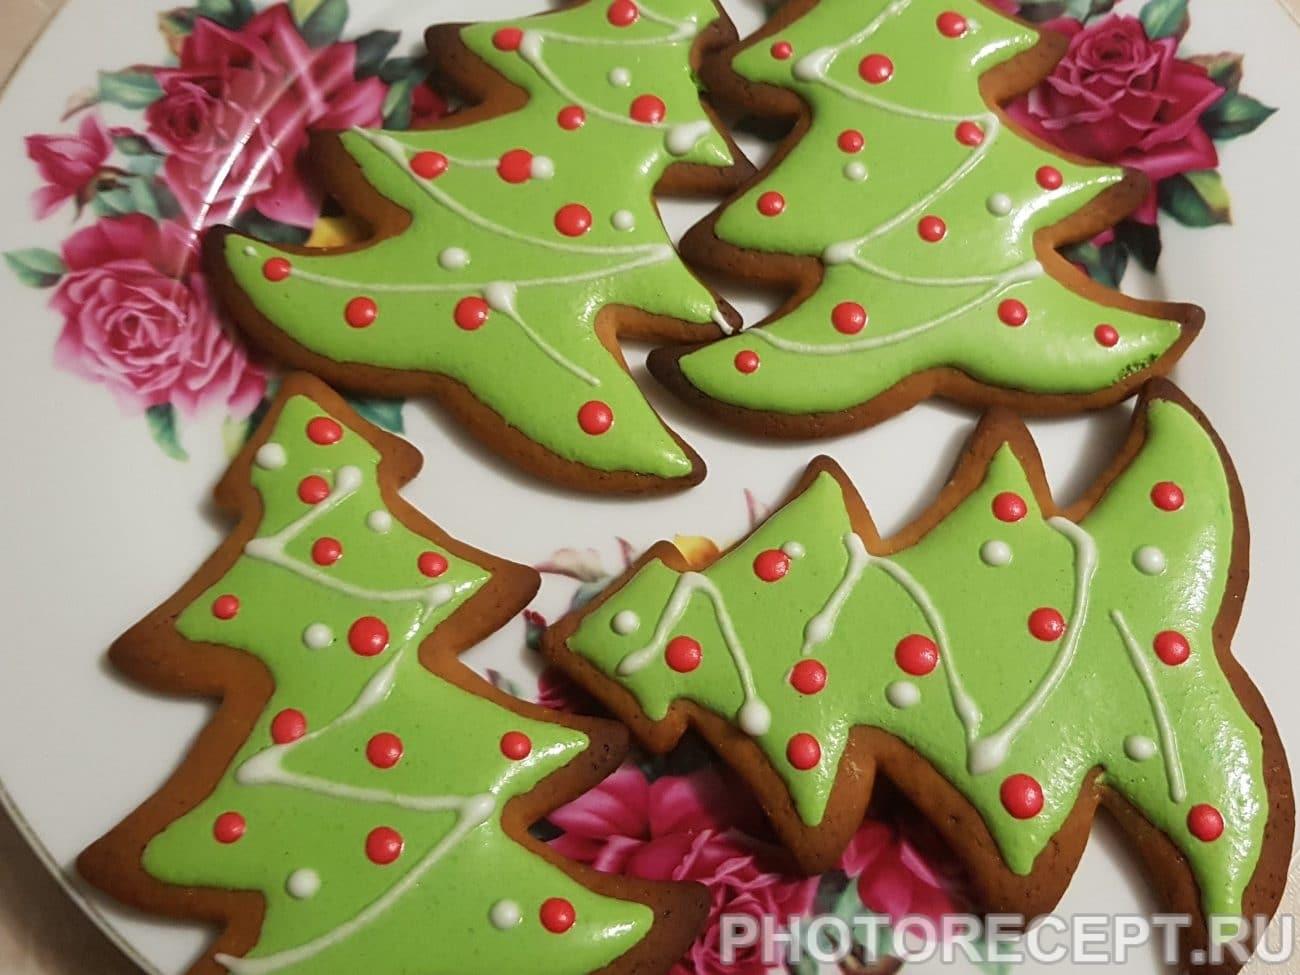 Рецепт рождественских имбирных пряников работа на выходные для девушек в минске